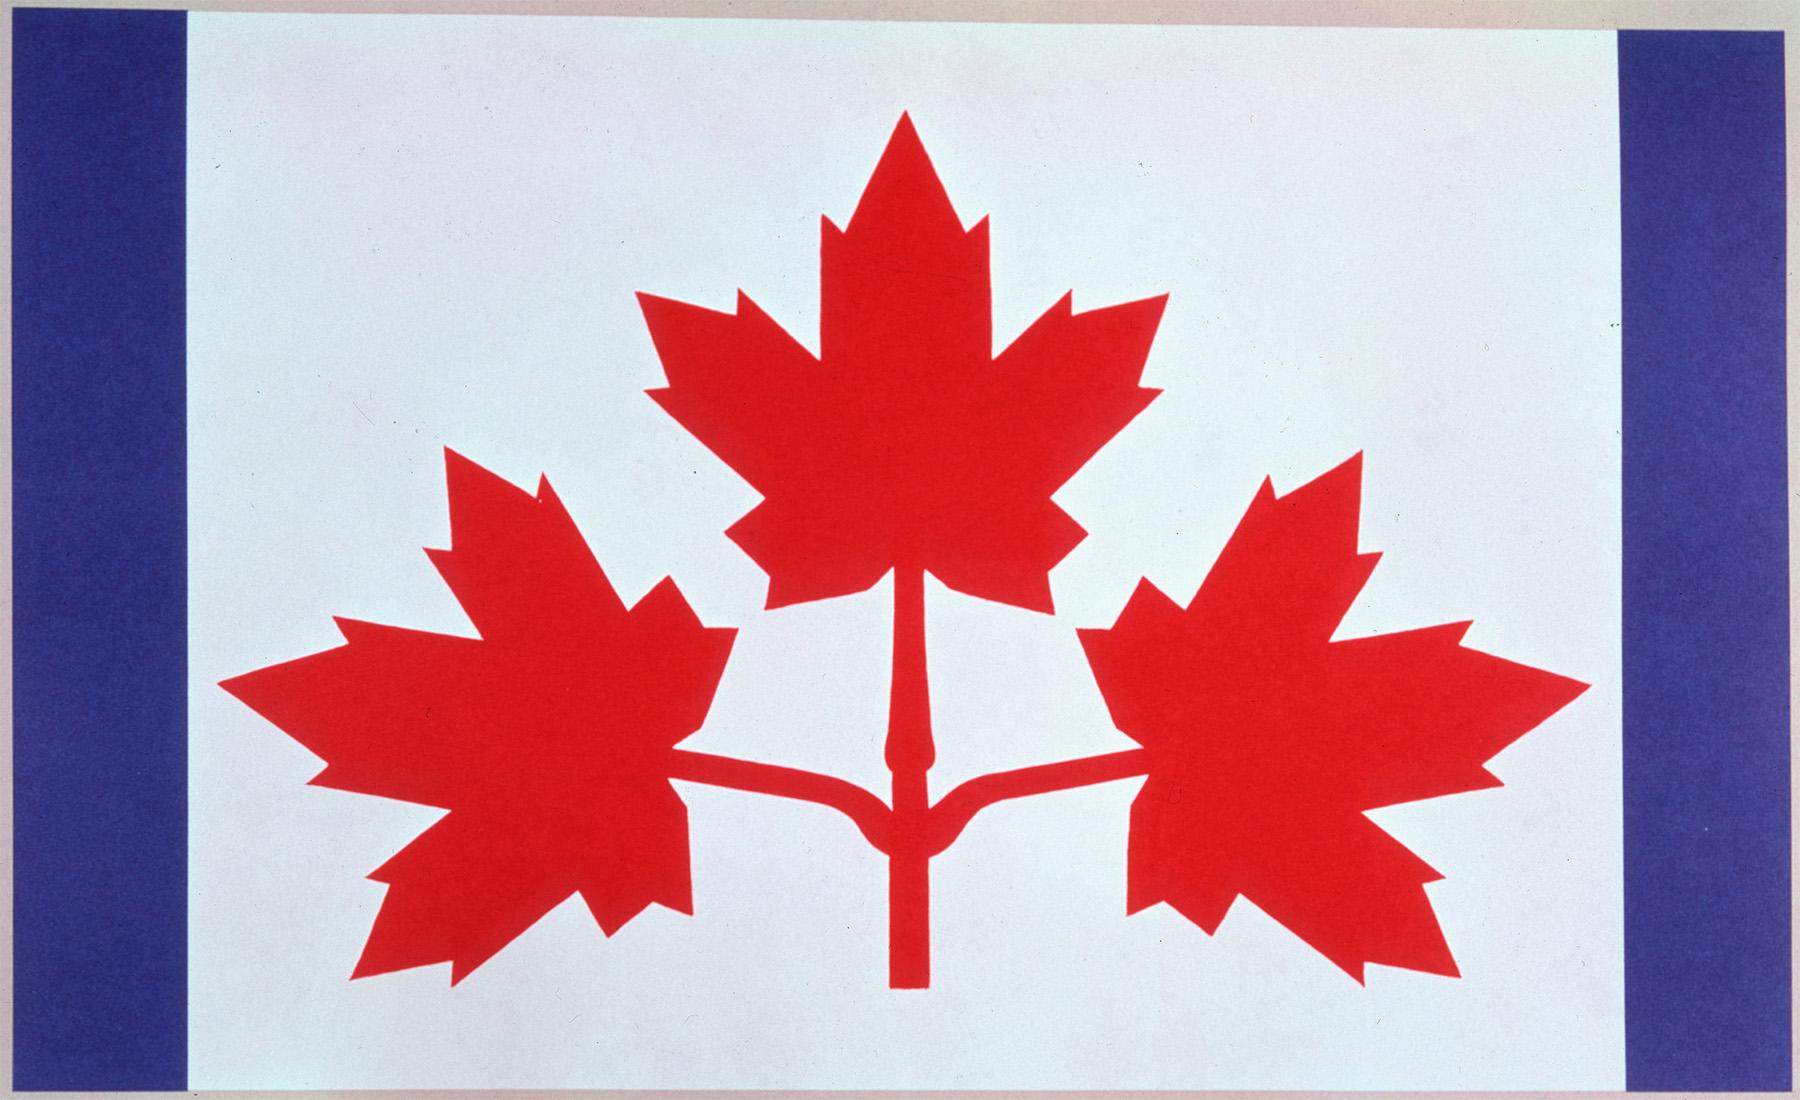 Motif de drapeau proposé : Le «Pearson Pennant»